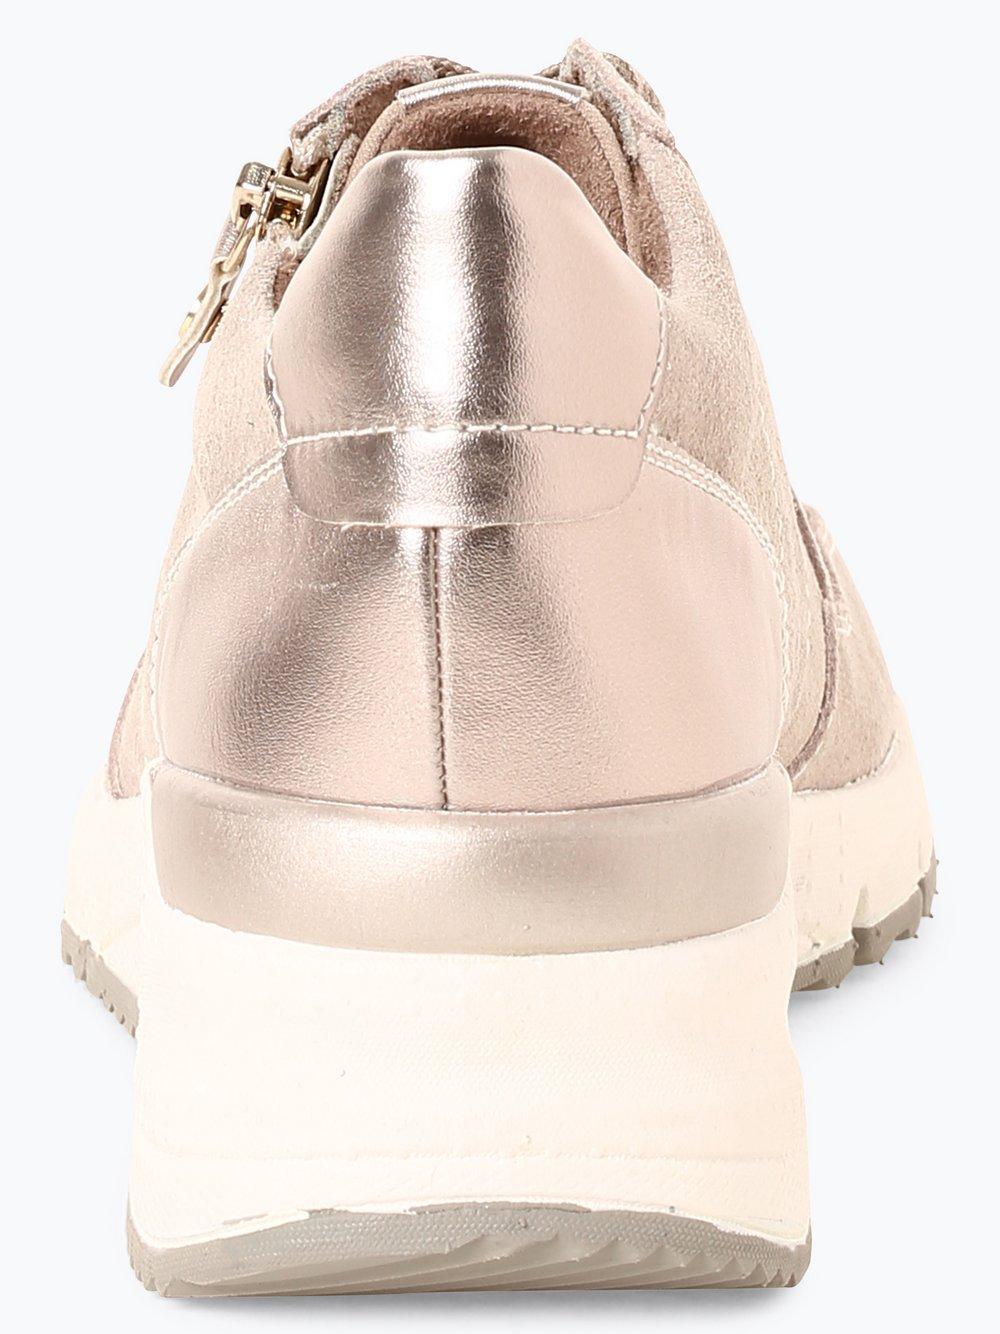 Tamaris Damen Sneaker aus Leder online kaufen | PEEK UND